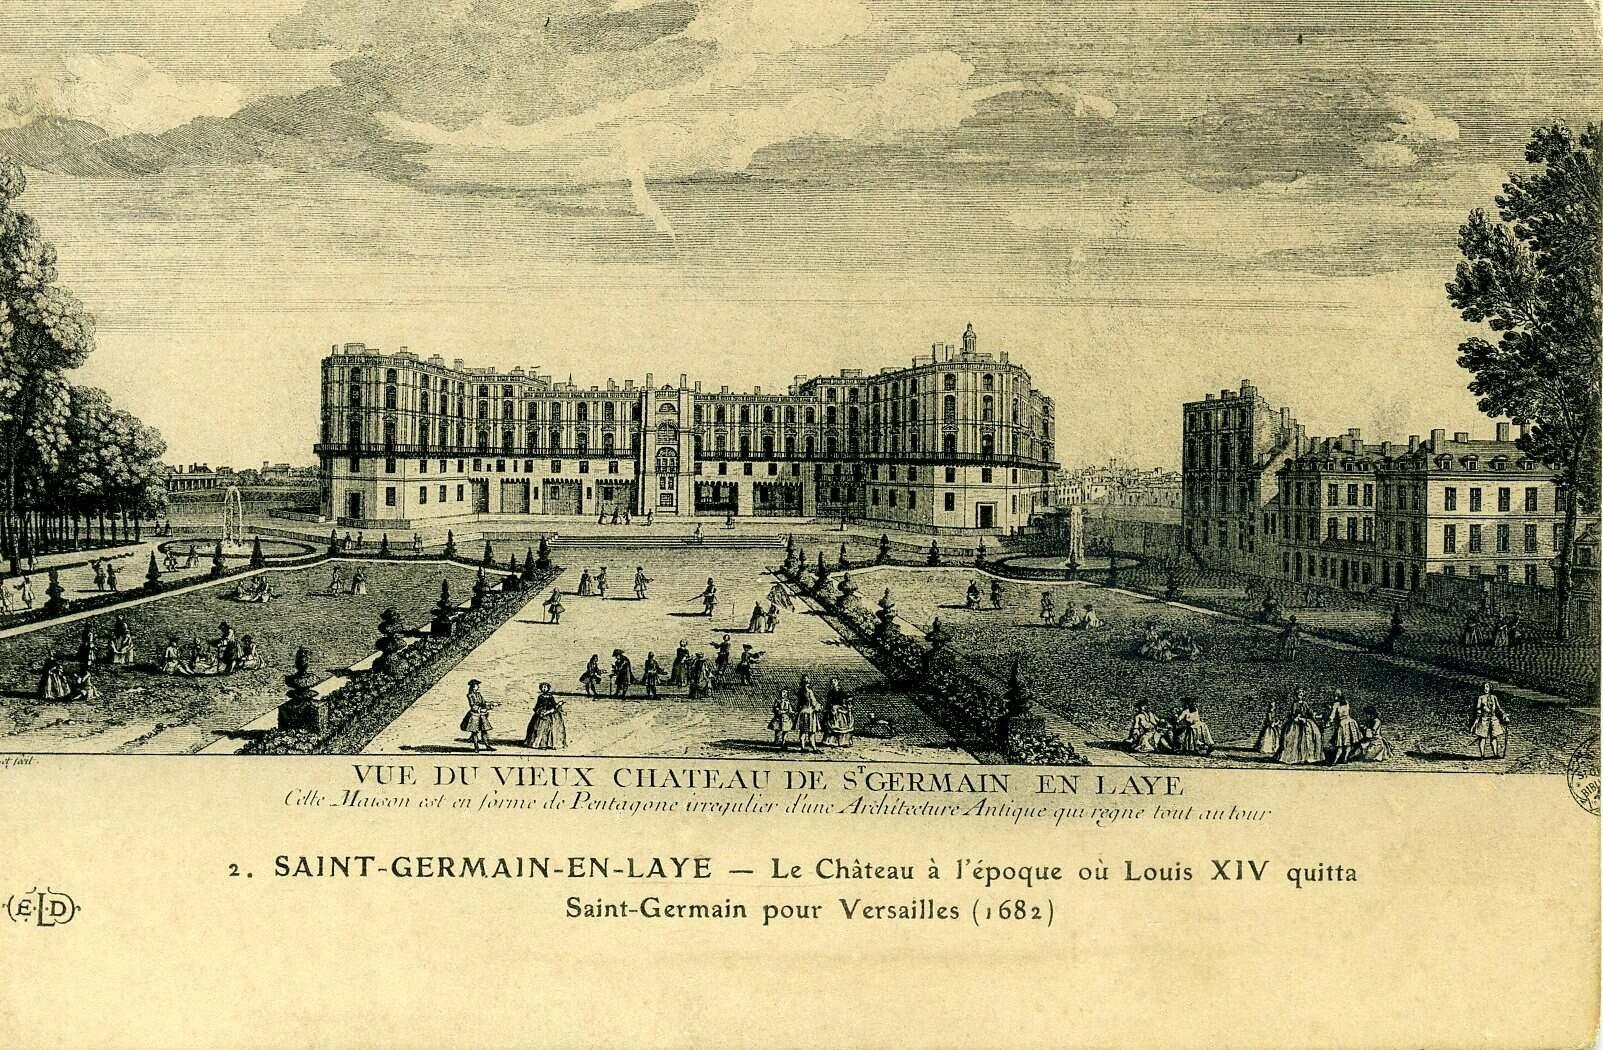 22 janvier 1666 saint germain en laye devient r sidence principale de louis xiv louis xiv. Black Bedroom Furniture Sets. Home Design Ideas